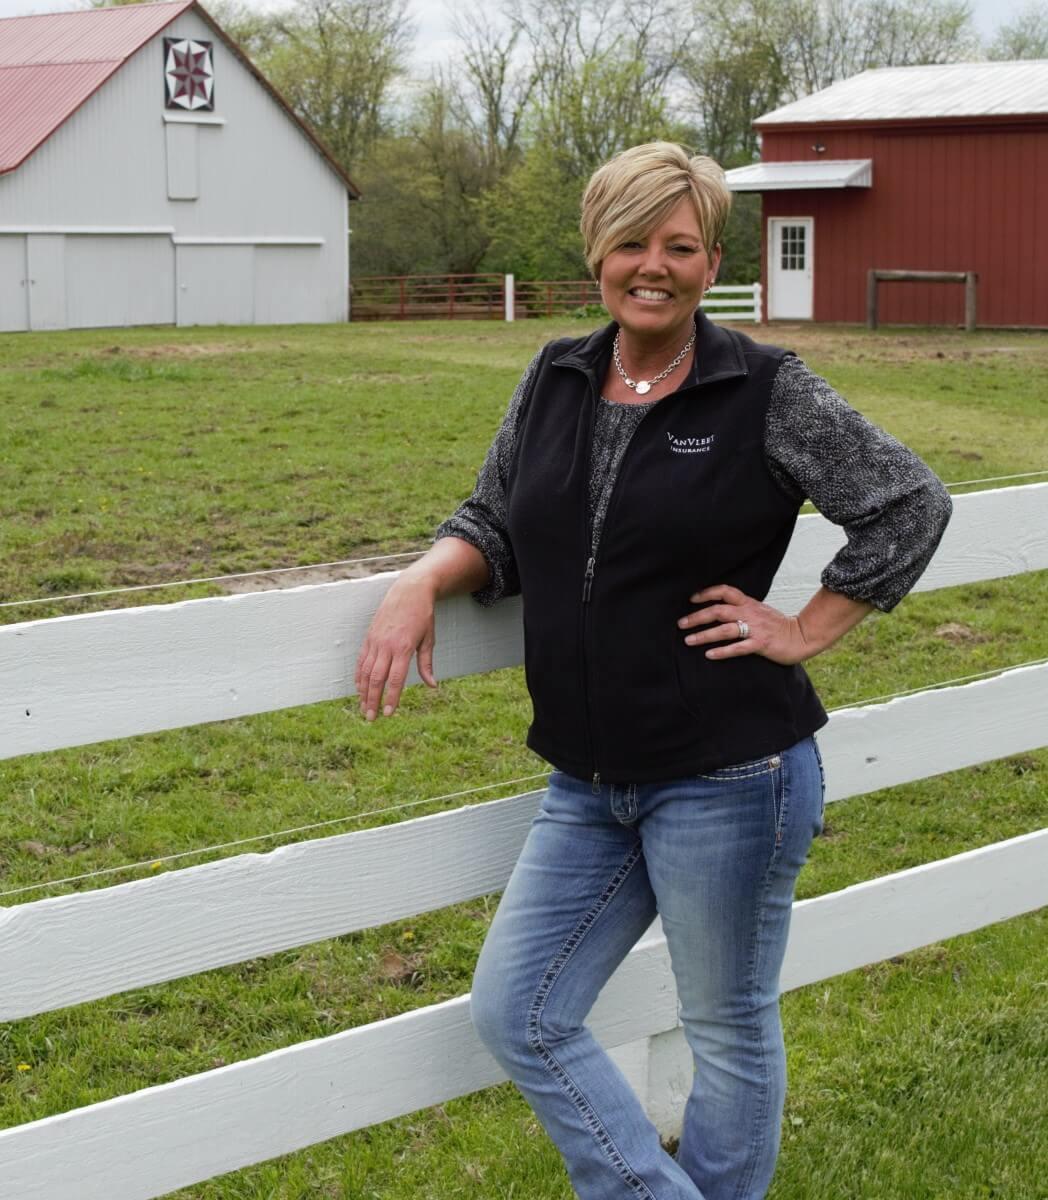 Valerie Huffman Farm Insurance Agent